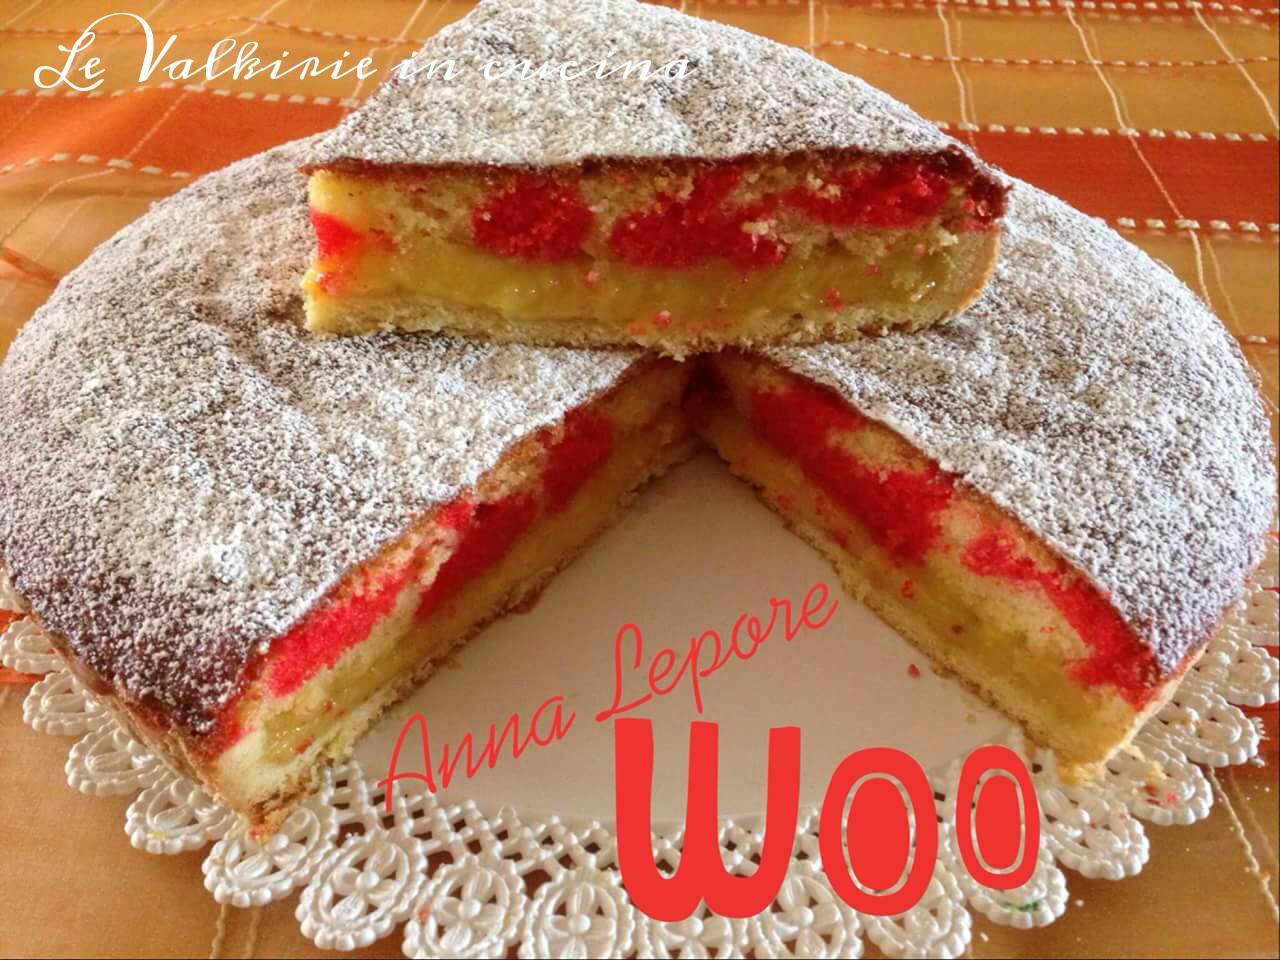 Crostata con ripieno di crema al limone meta' frolla meta ciambella di Anna Lepore